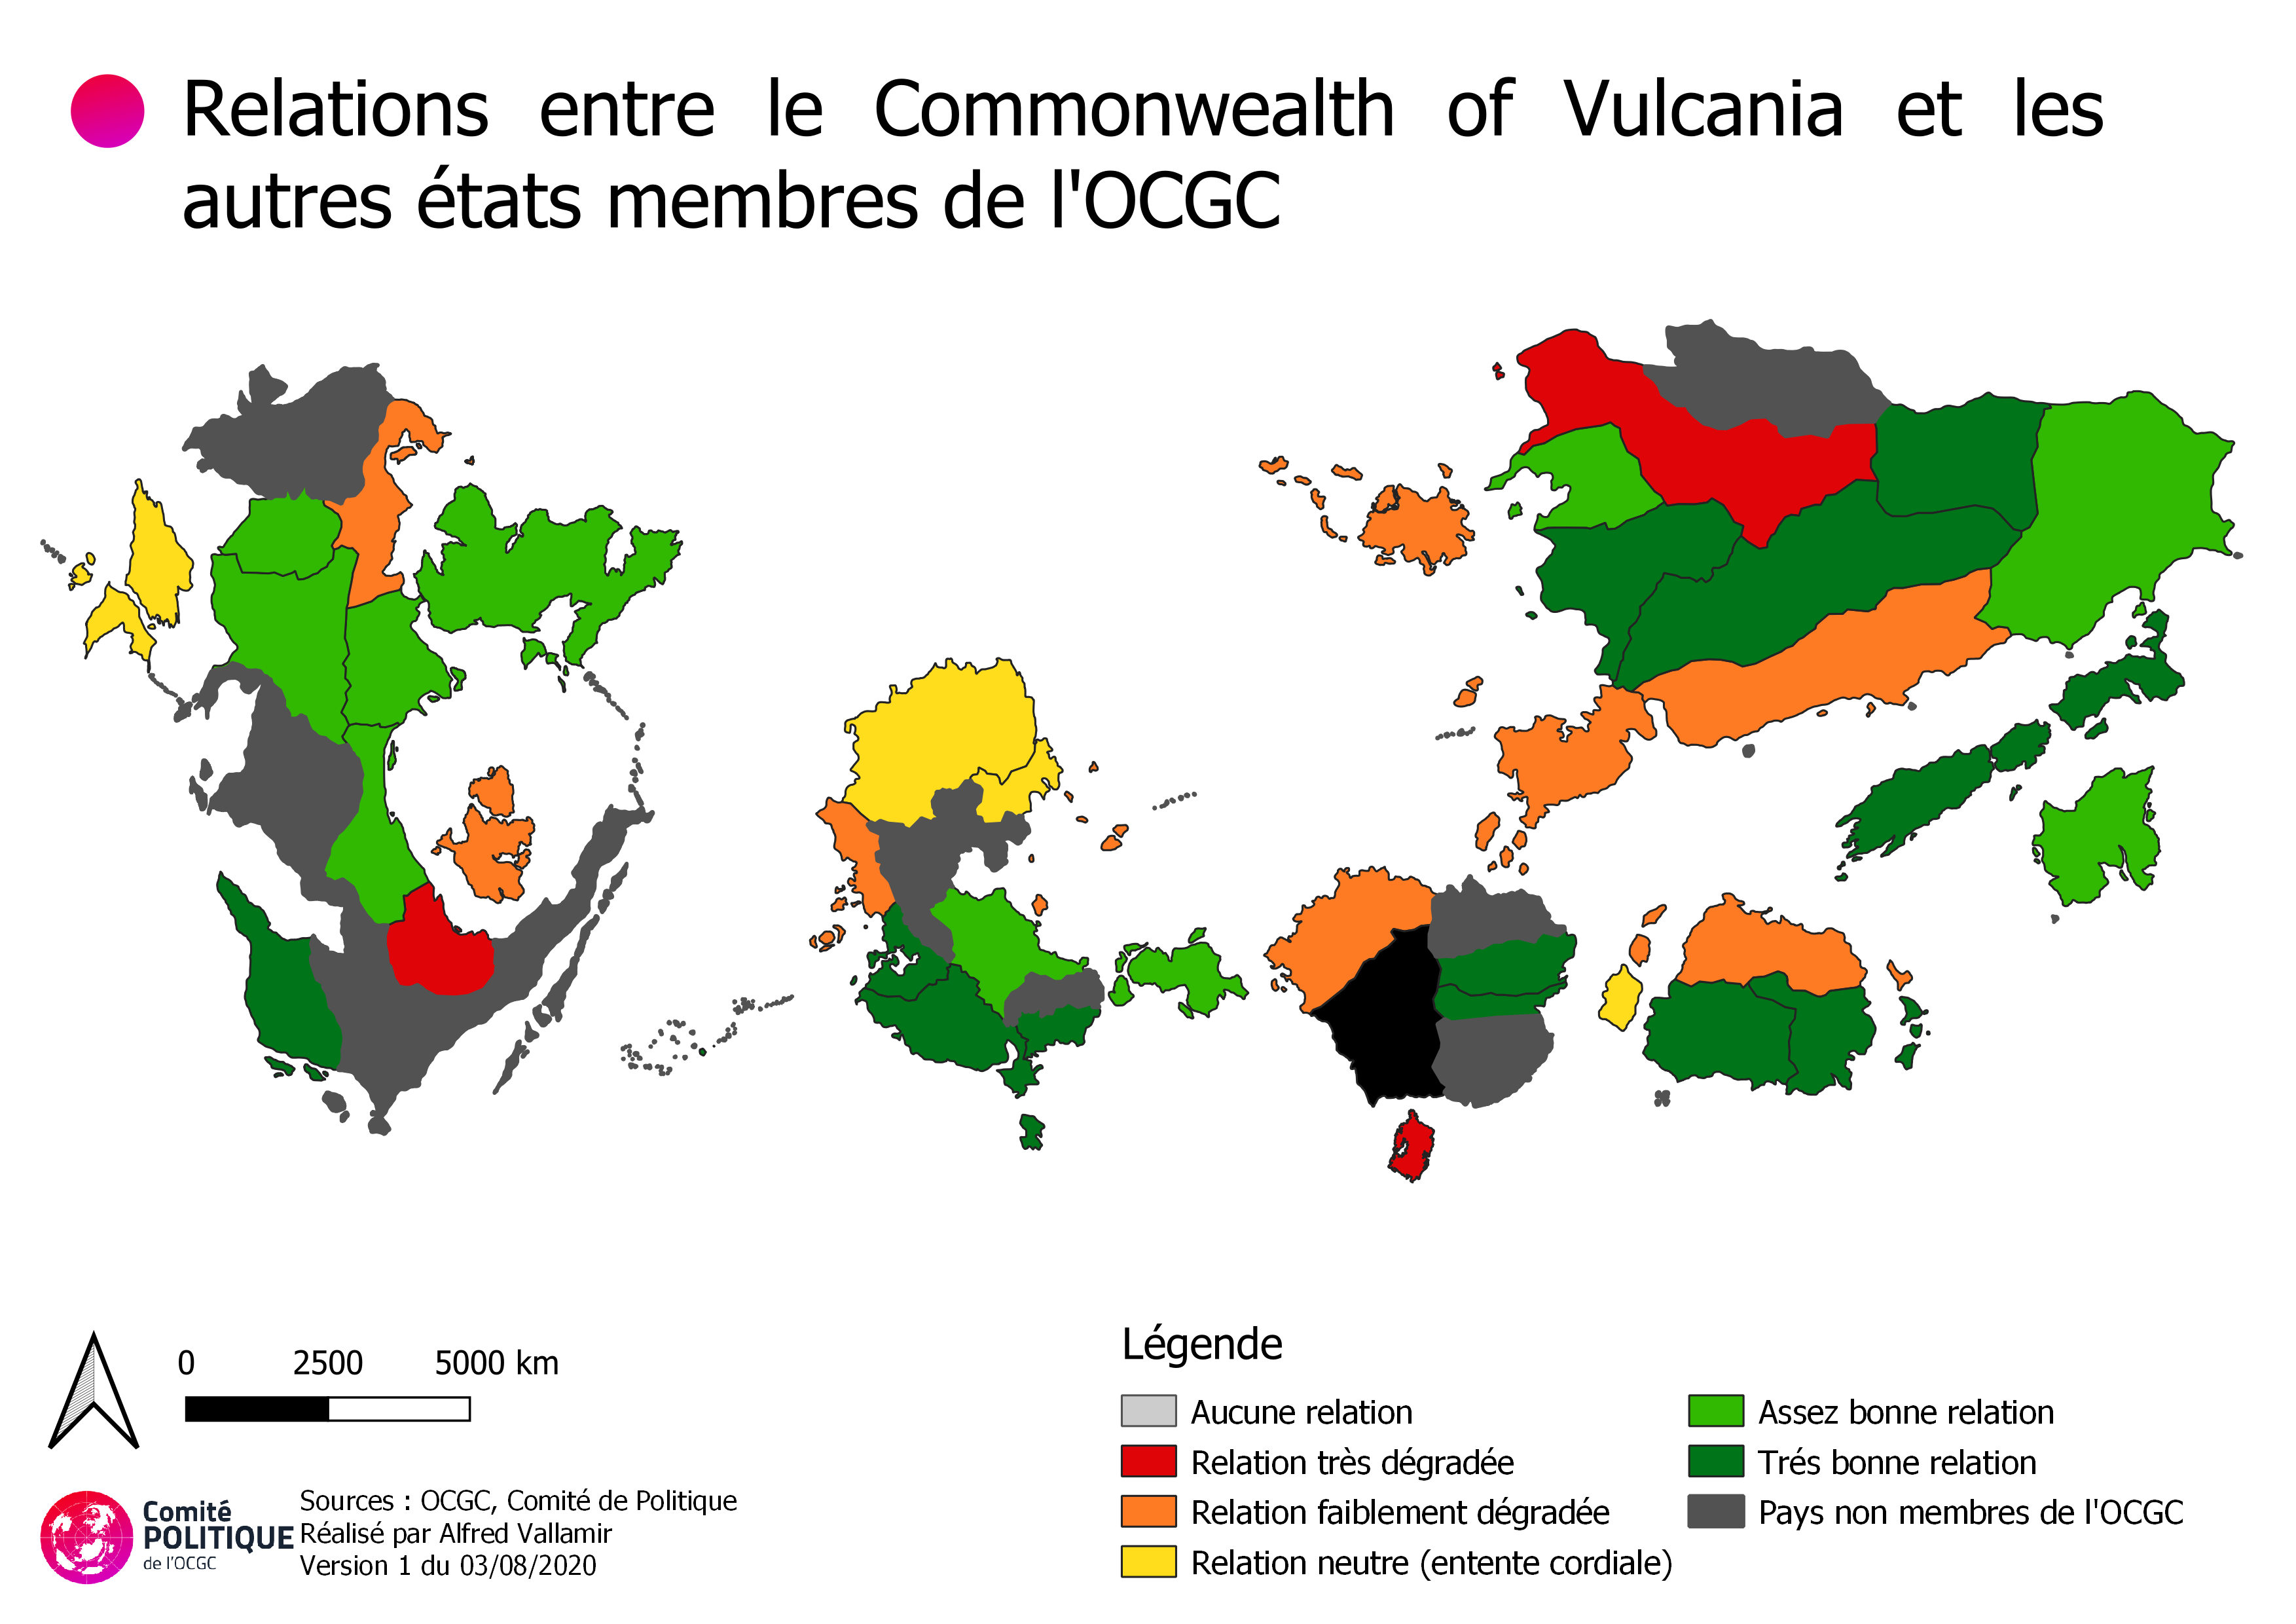 Atlas du comité de politique - L'édition 2021 disponible ! - Page 4 ComPol_Rel_Bil_Commonwealth